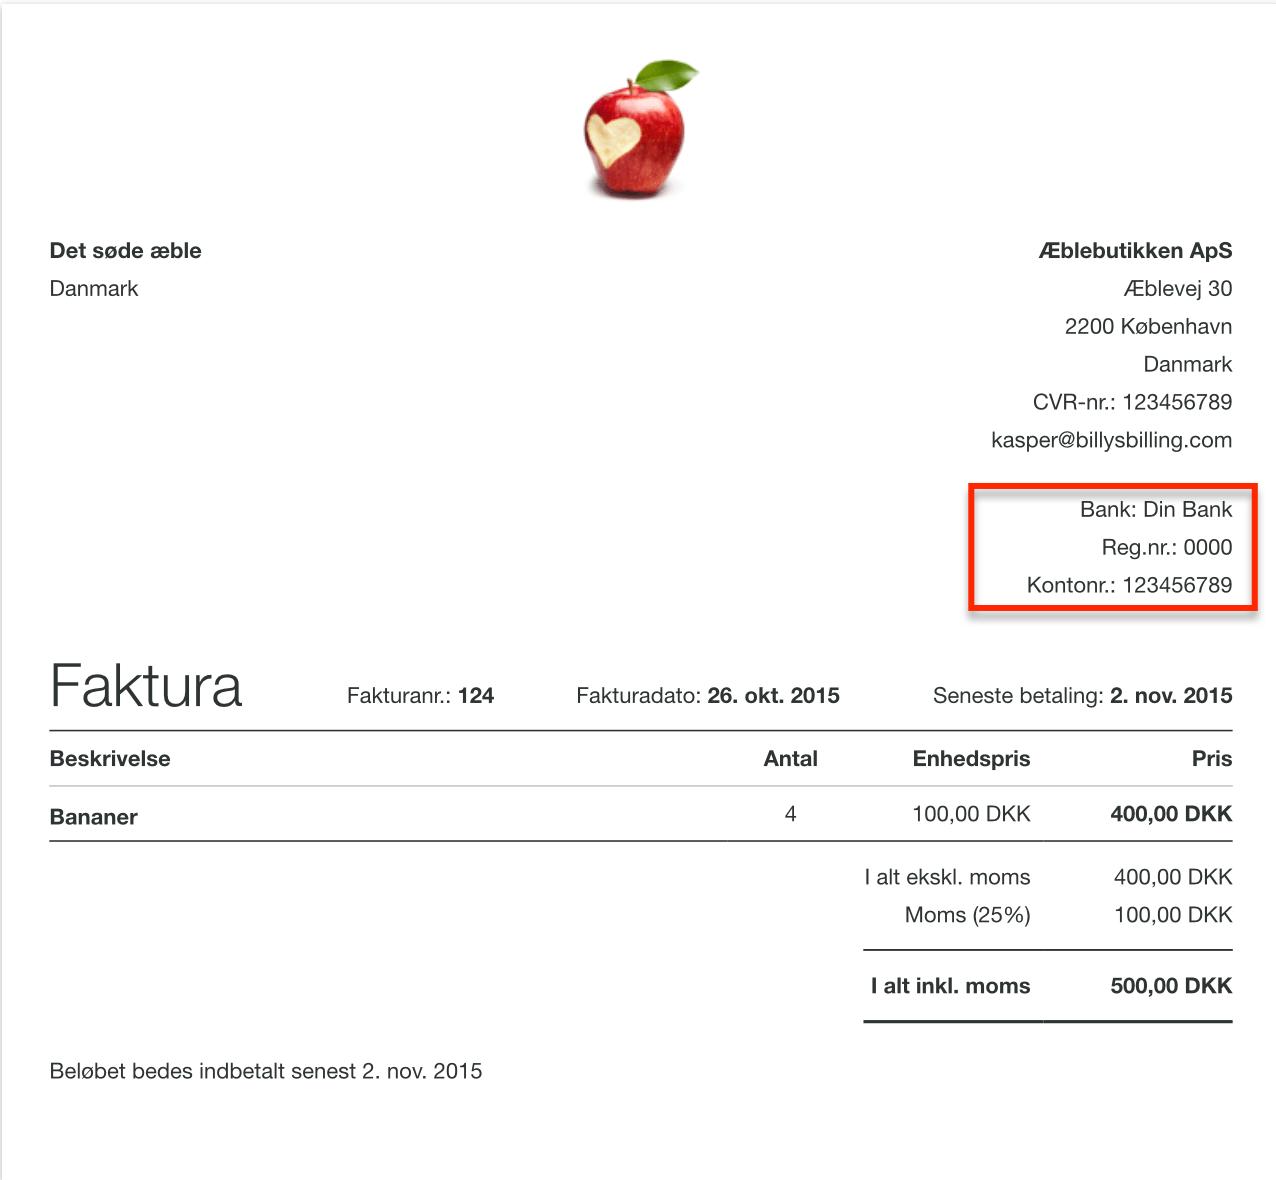 Betalingsoplysninger